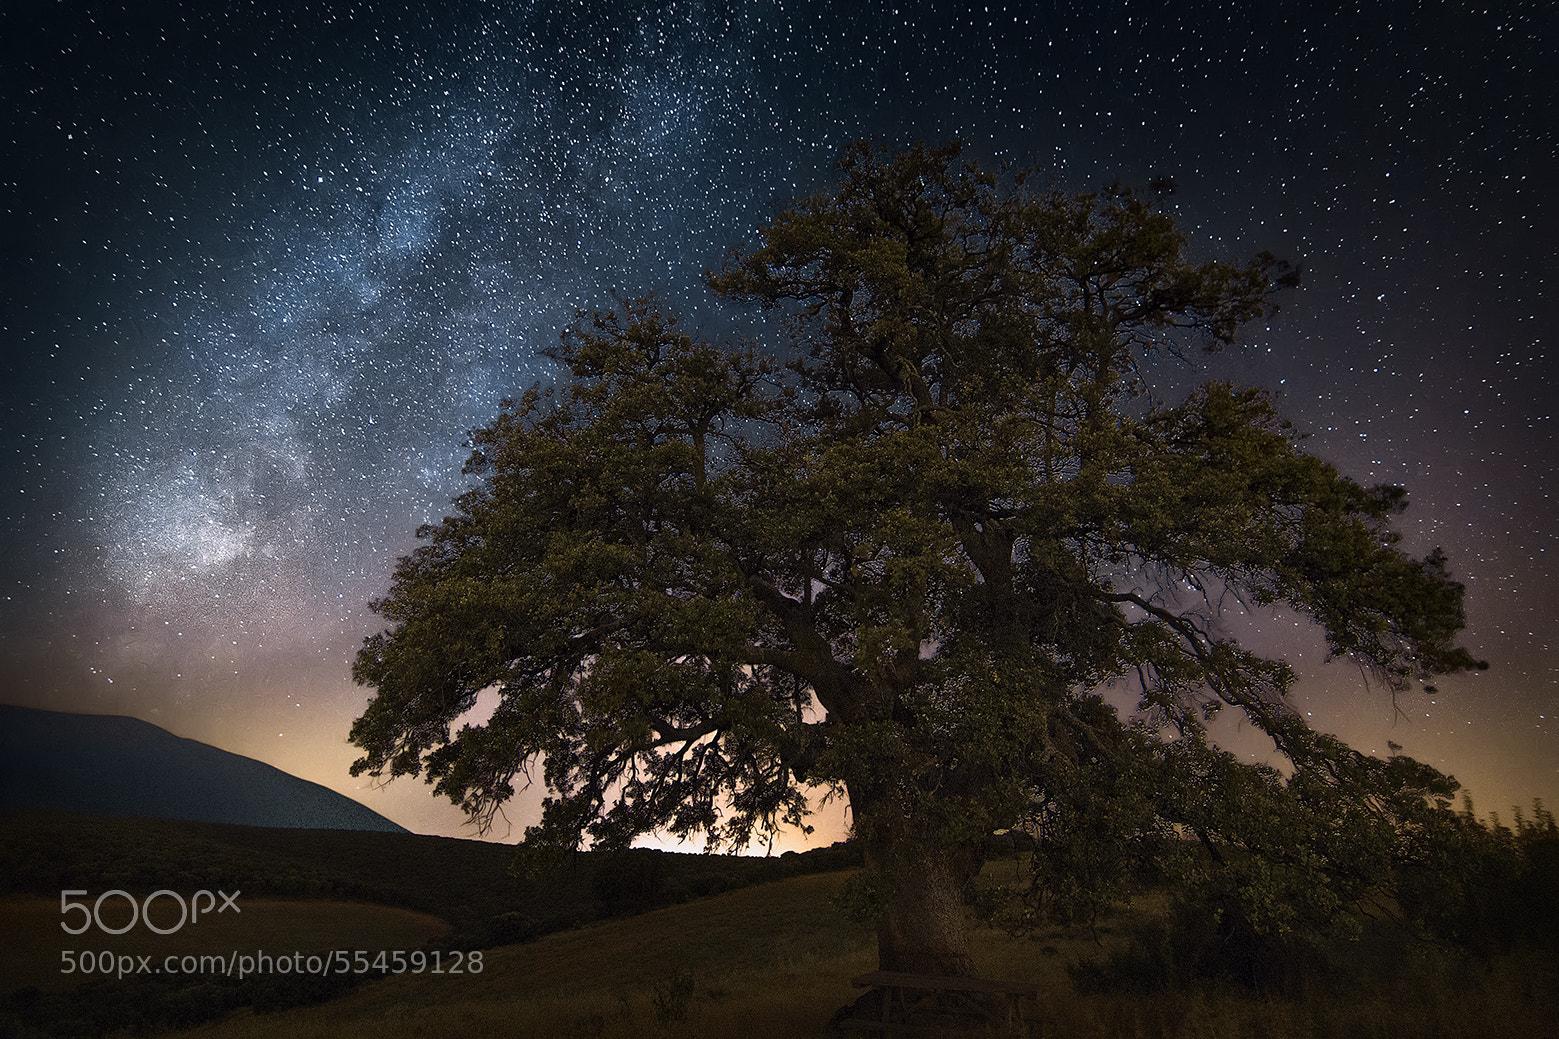 Photograph Oak under milky way by Guillermo  García Delgado on 500px